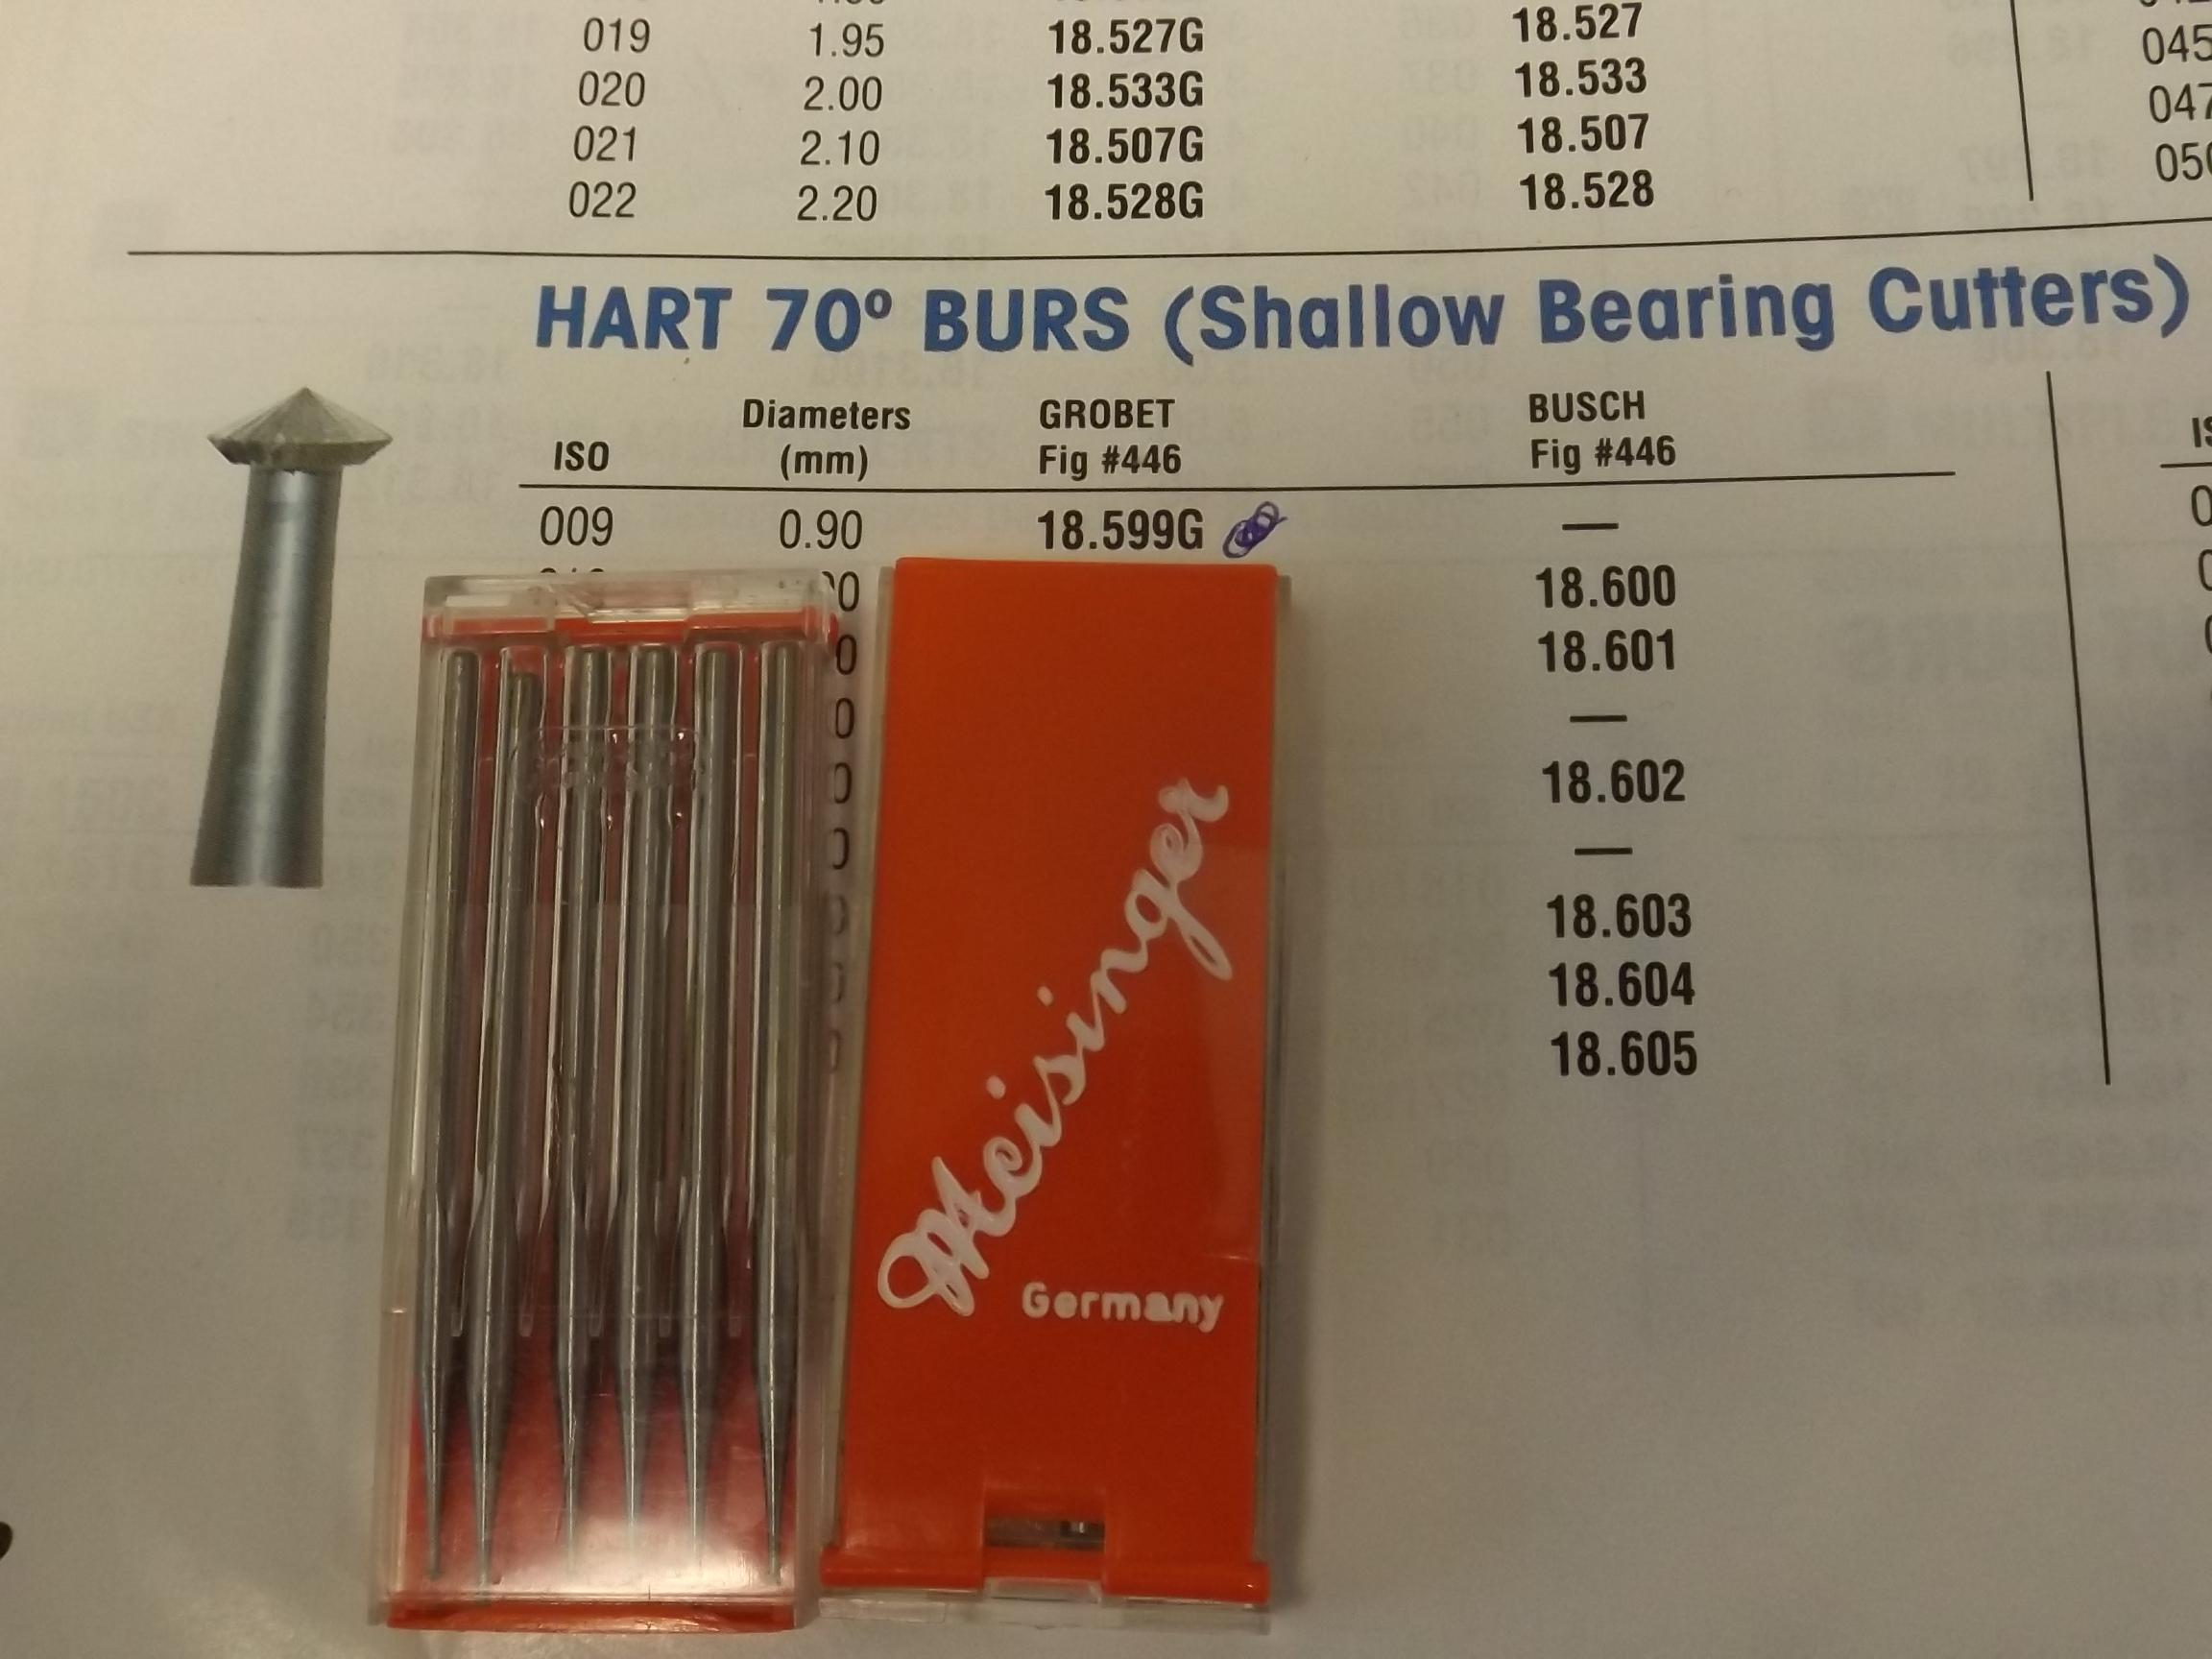 BR446/0 Grobet Brand Burs, 70° Hart, Fig. 446, Size 009- # 18.599G